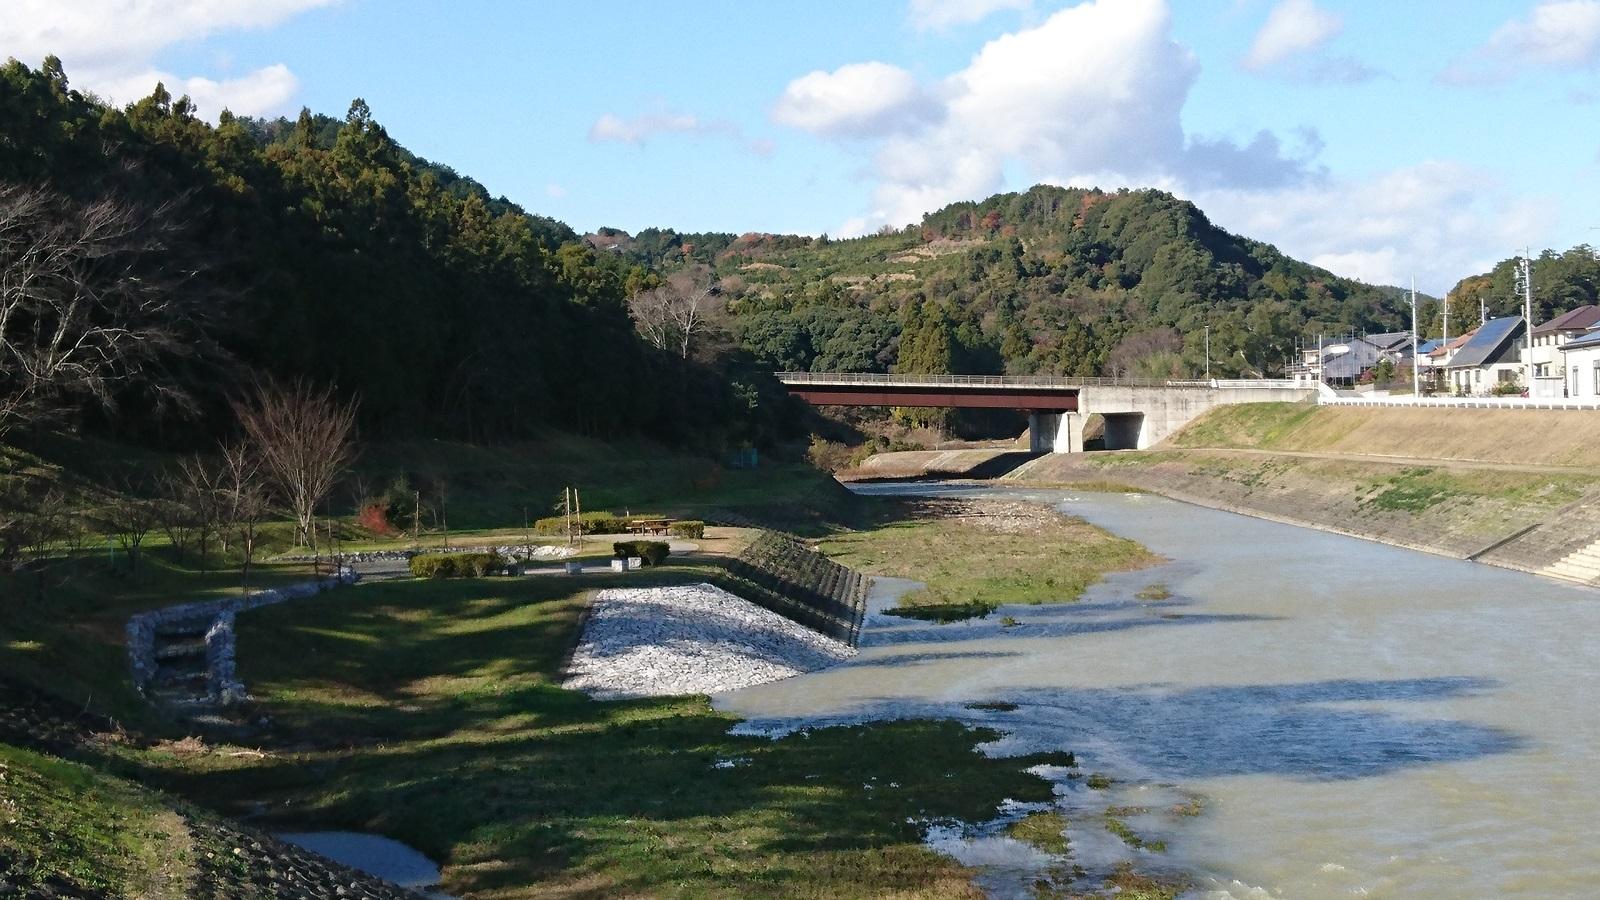 2016.12.23 井伊谷 (2) 神宮寺川 1600-900